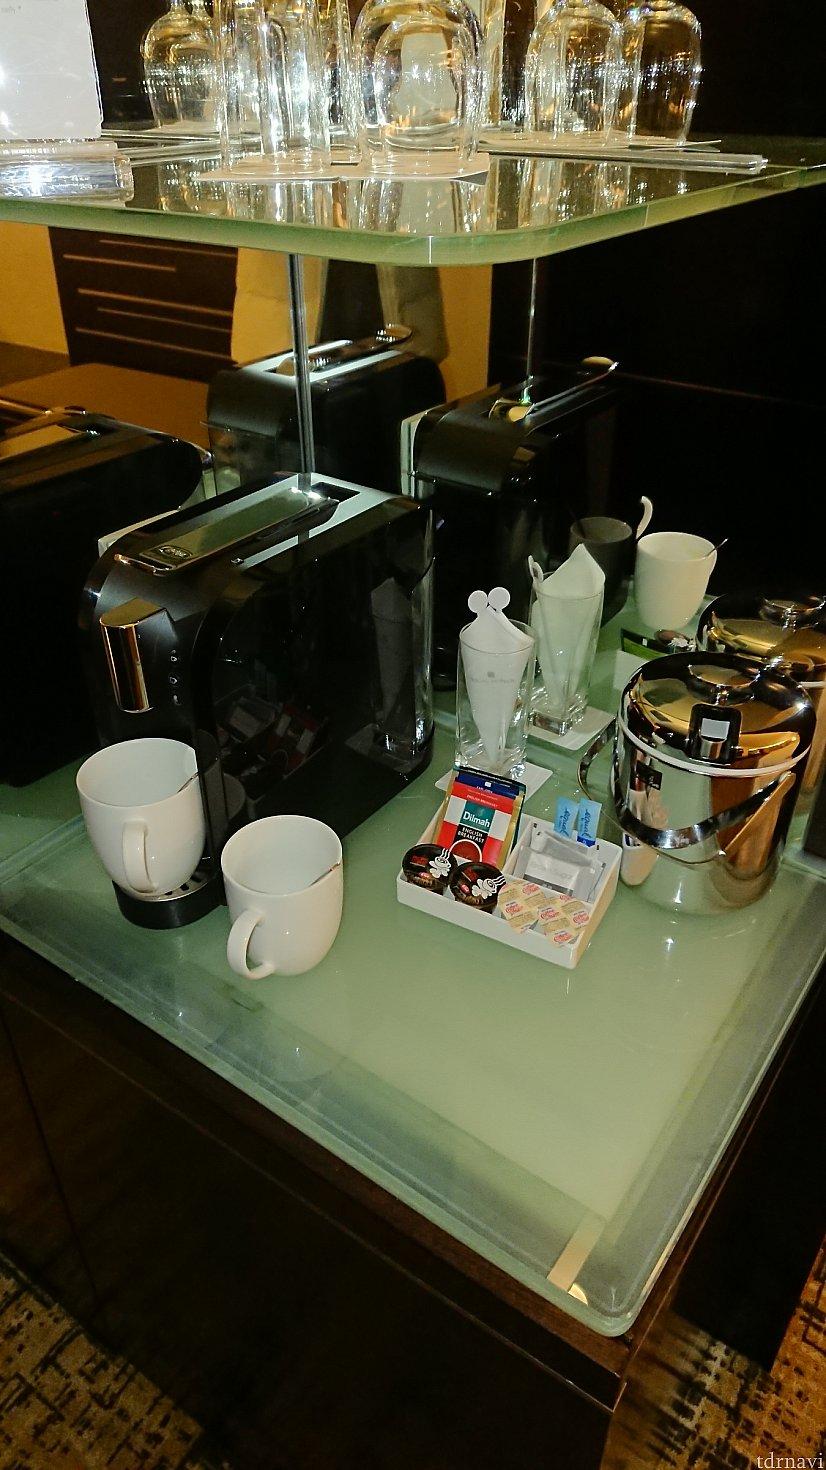 デラックスルームだったのかコーヒーマシンが置いてありました。いつもはインスタントのみ。